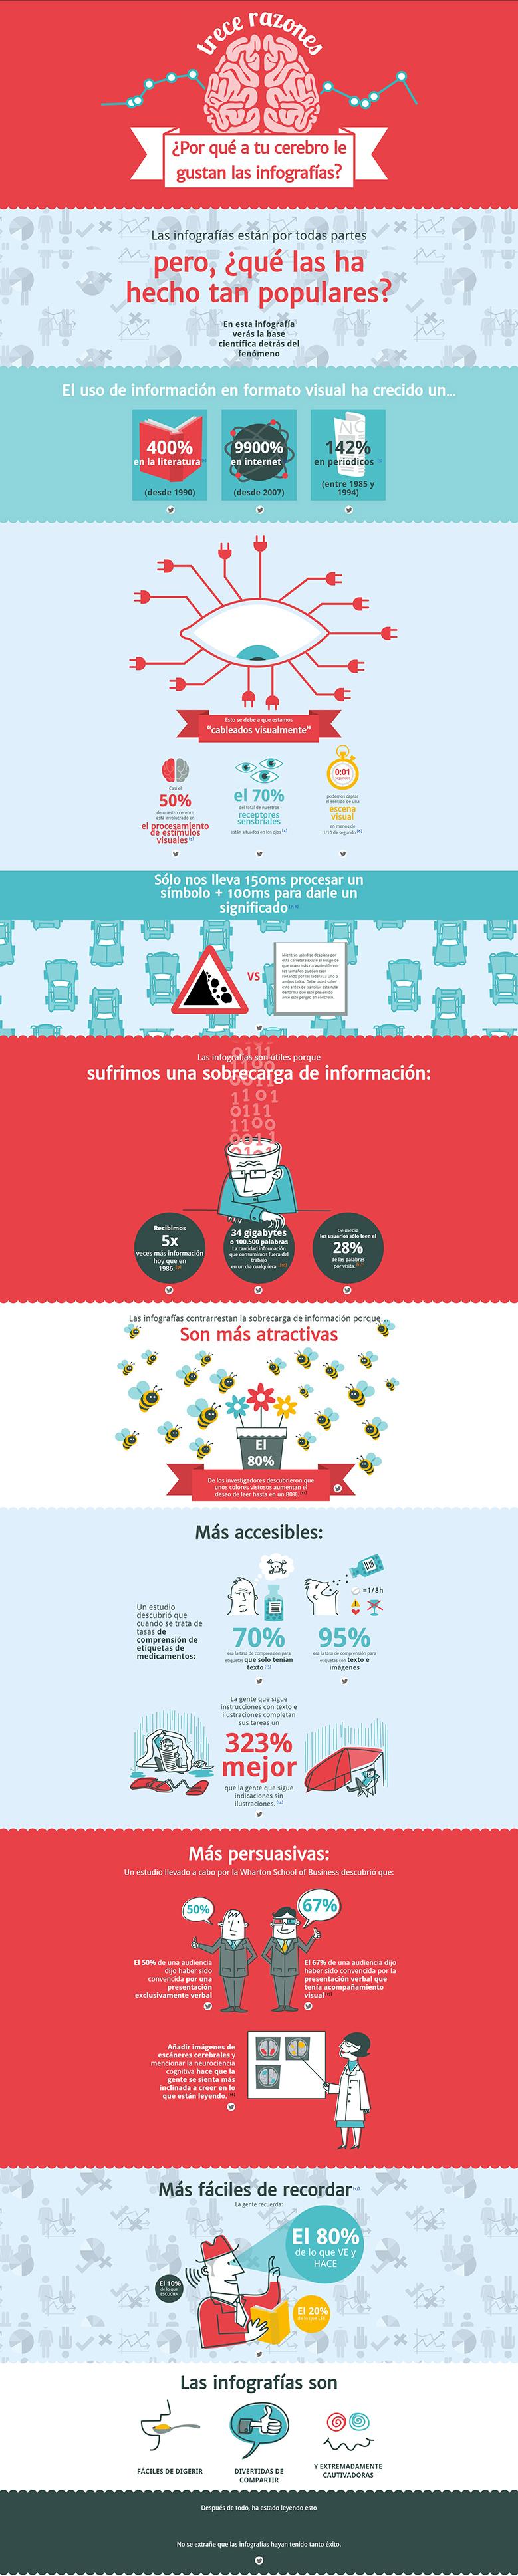 Infografía realizada por Neoman mediante herramientas para hacer infografías.